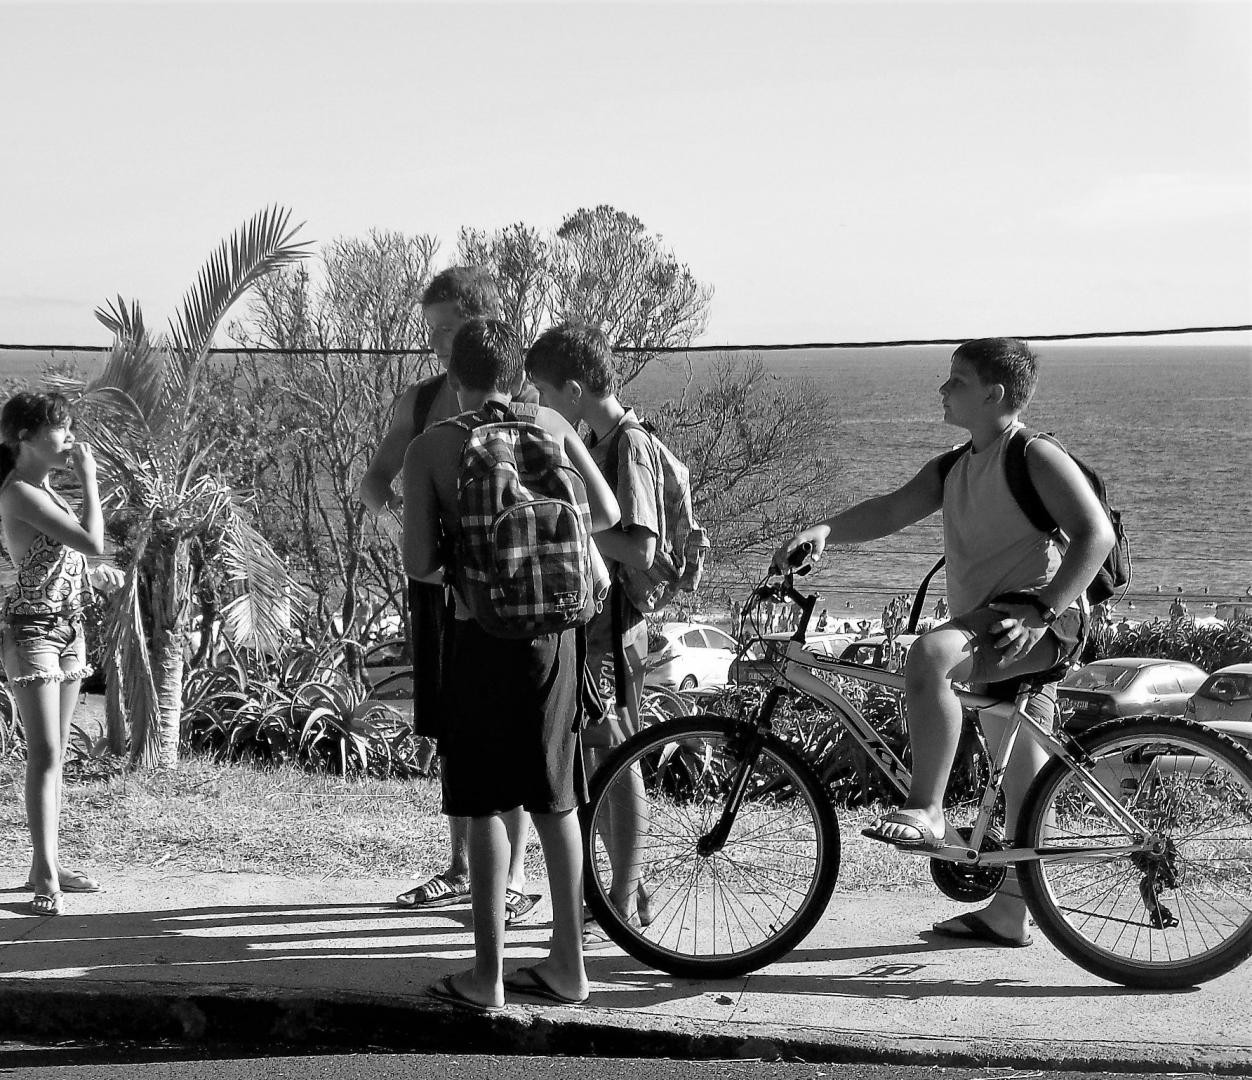 Fotografia de Rua/Há sempre uma linha acima do Horizonte